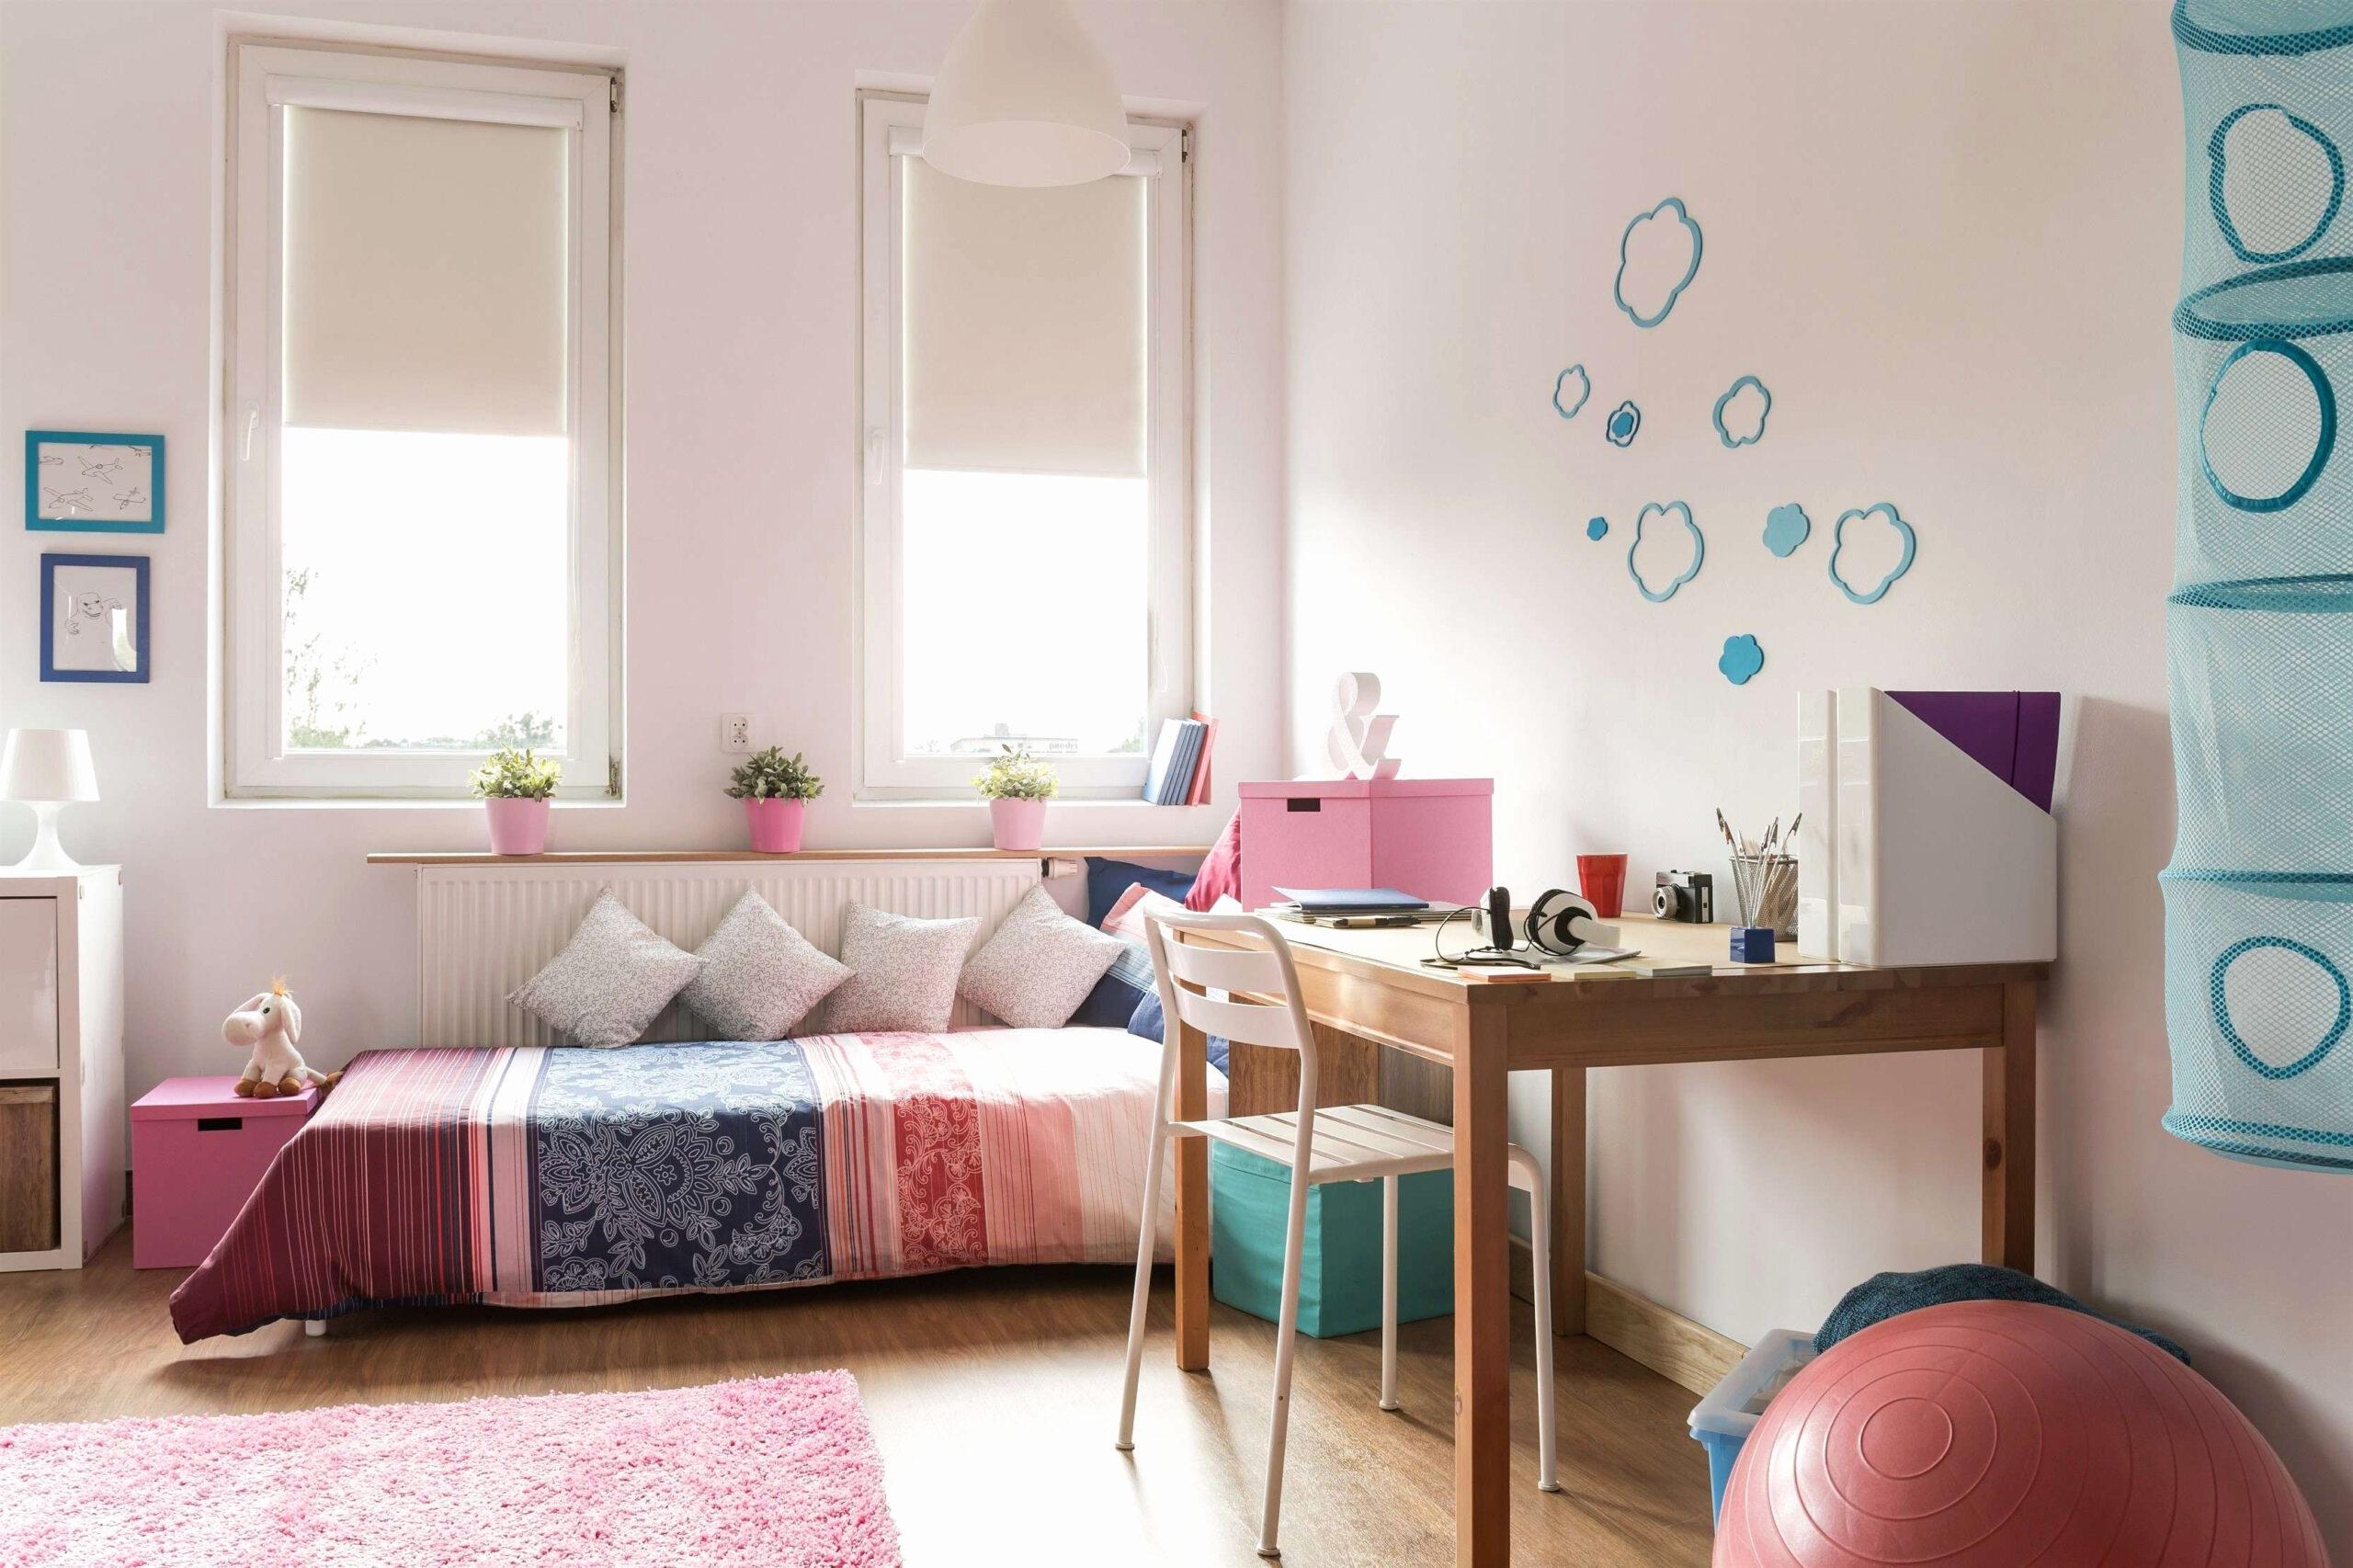 Full Size of Kinderbett Mädchen 90x200 Bett Mit Lattenrost Weiß Kiefer Betten Schubladen Und Matratze Weißes Bettkasten Wohnzimmer Kinderbett Mädchen 90x200